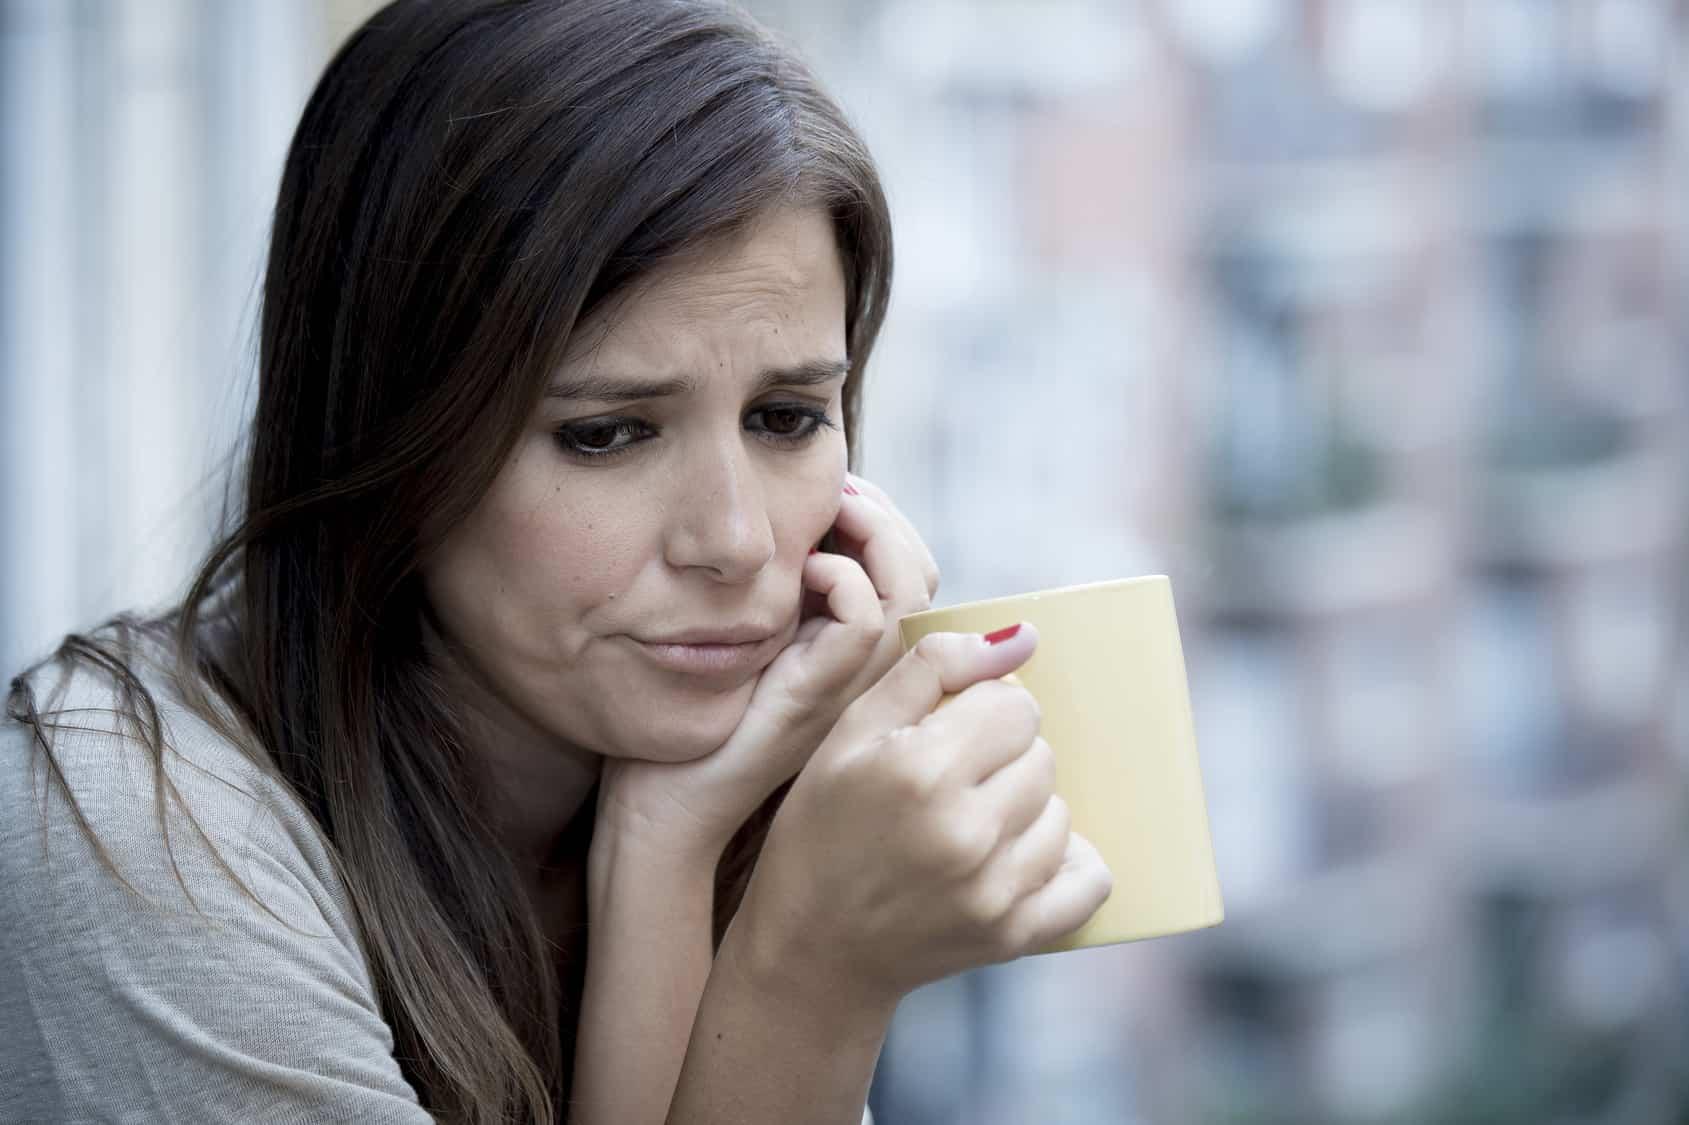 Кризис среднего возраста у женщин — советы психолога